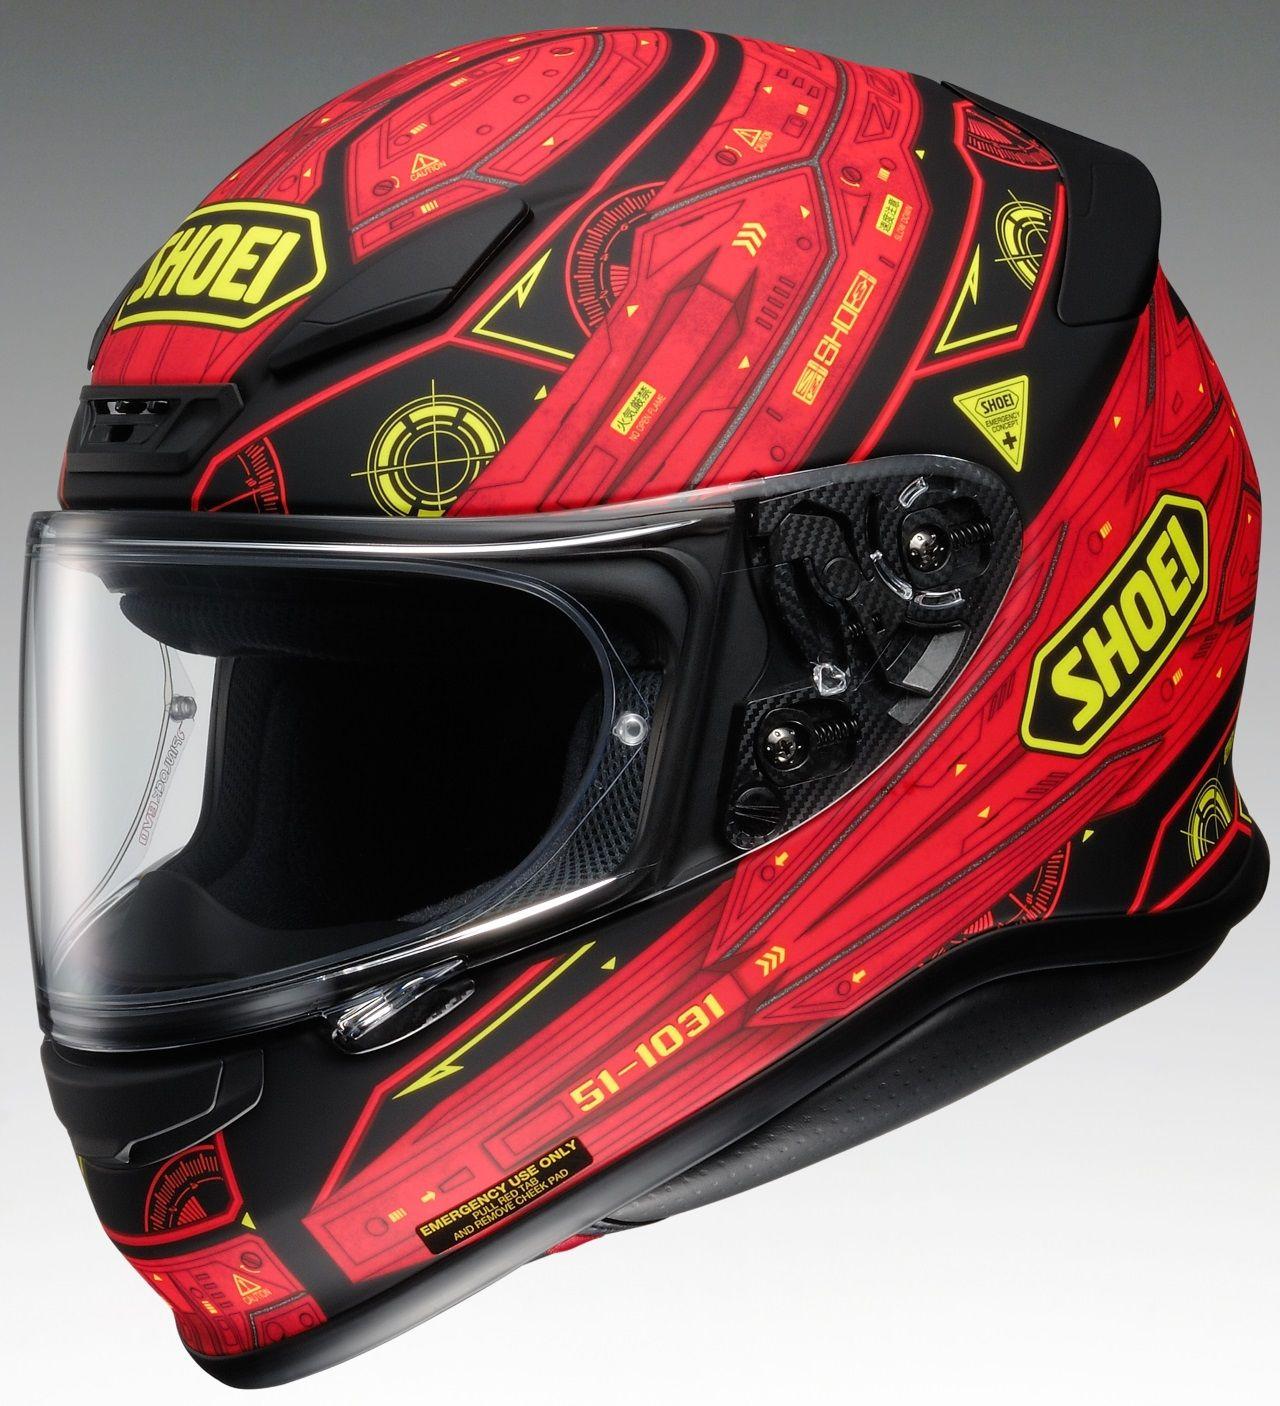 Salah Satu Bagian Sepeda Helm Berkuda Daftar Harga Terbaru Lipat Keren Modis Aman Merk Overade Plixi White Z 7 Vessel Tc 1 Red Matte Black Pengatur Jarak